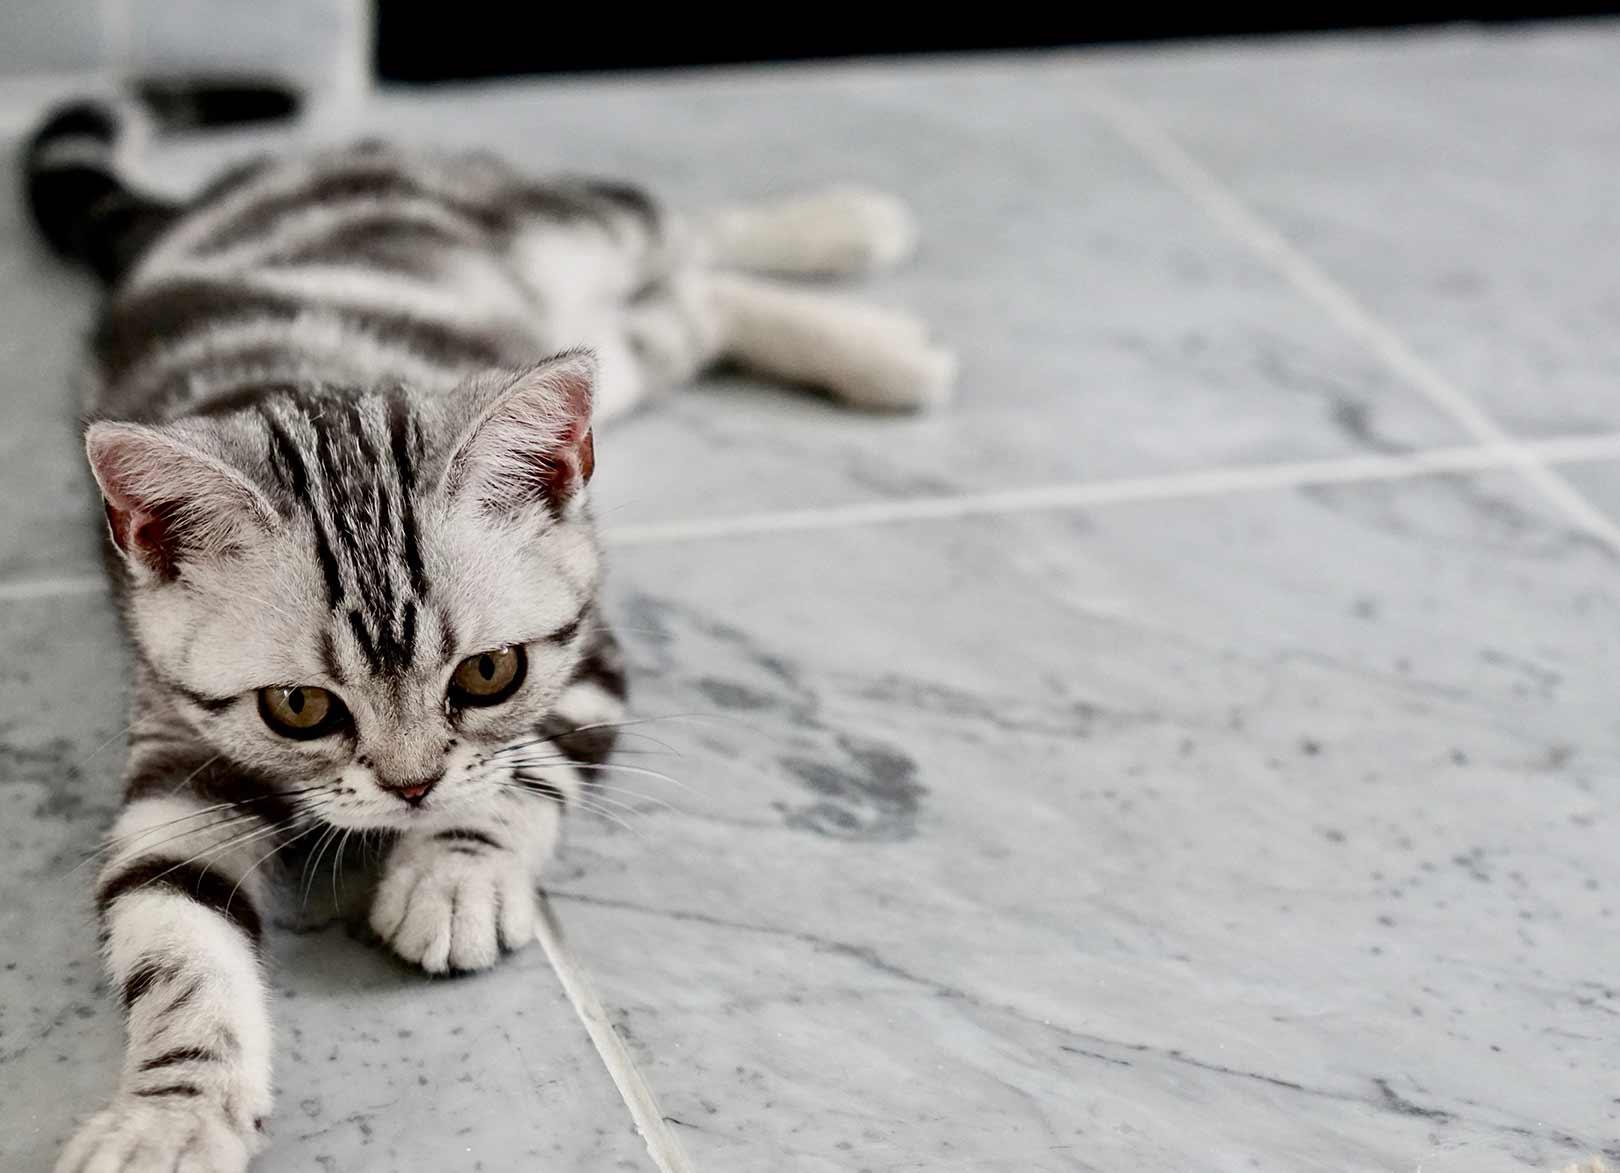 Grey tabby kitten relaxing on warm floor with underfloor heating mat